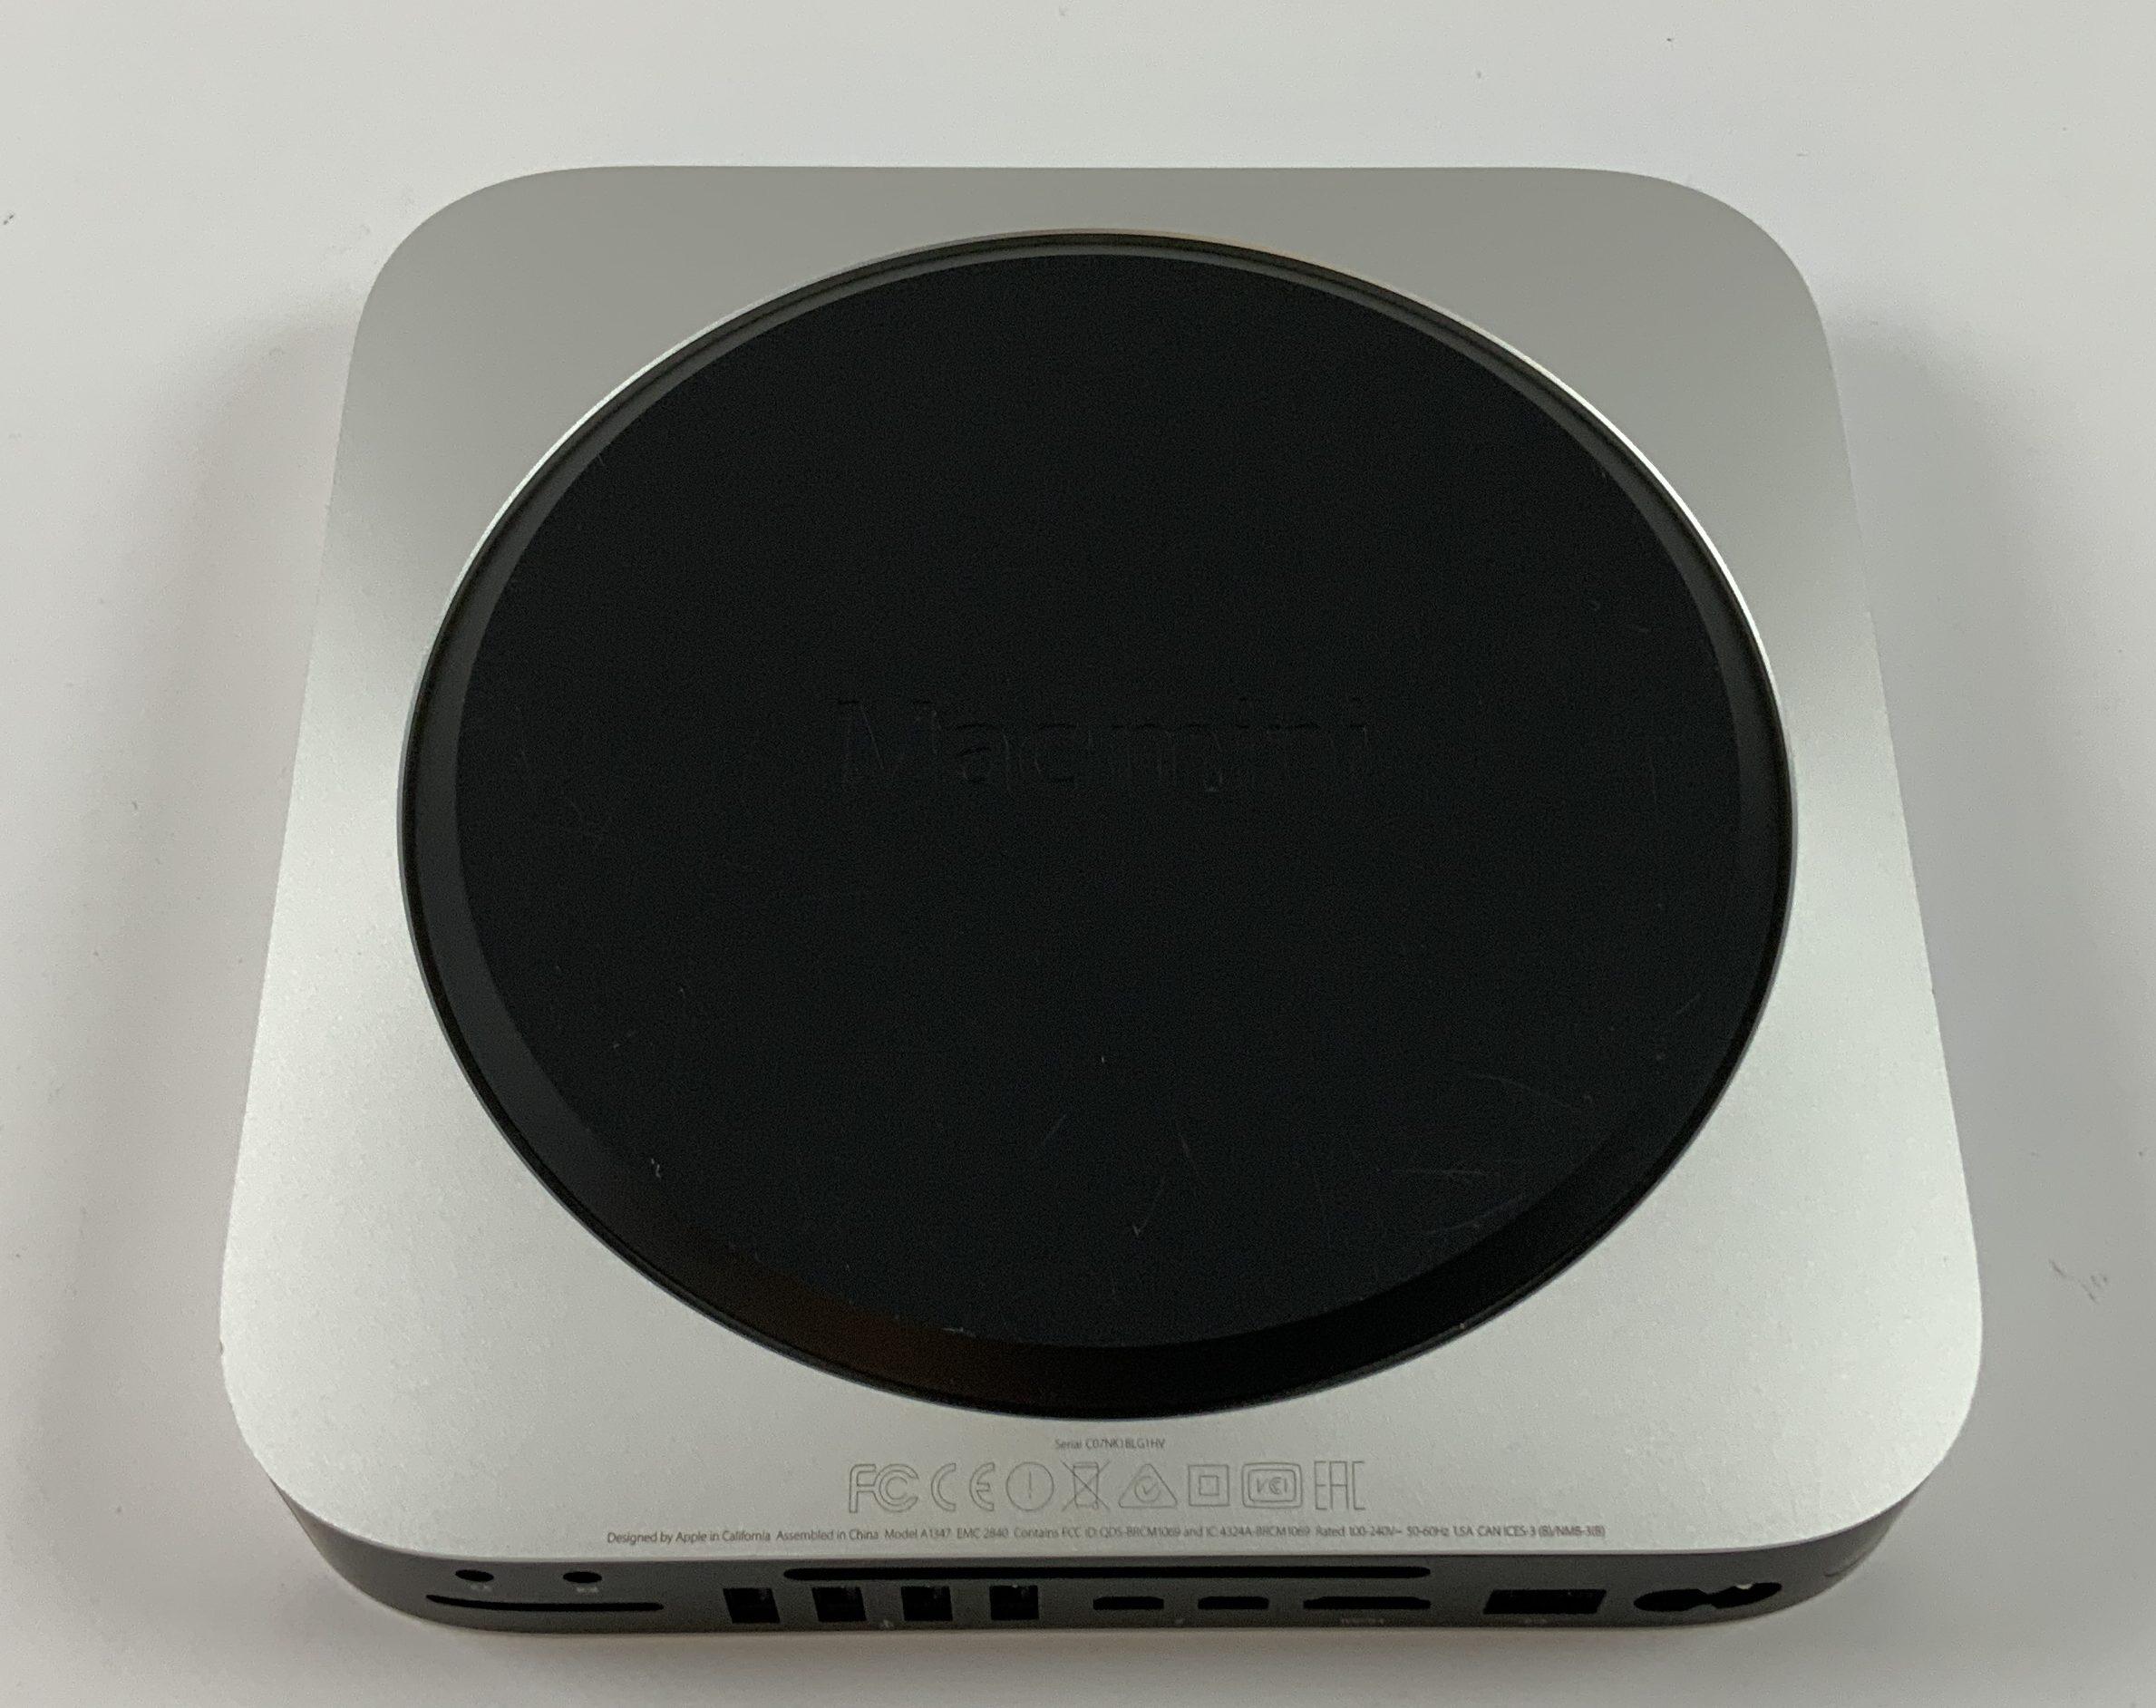 Mac Mini Late 2014 (Intel Core i5 1.4 GHz 4 GB RAM 500 GB HDD), Intel Core i5 1.4 GHz, 4 GB RAM, 500 GB HDD, Bild 2